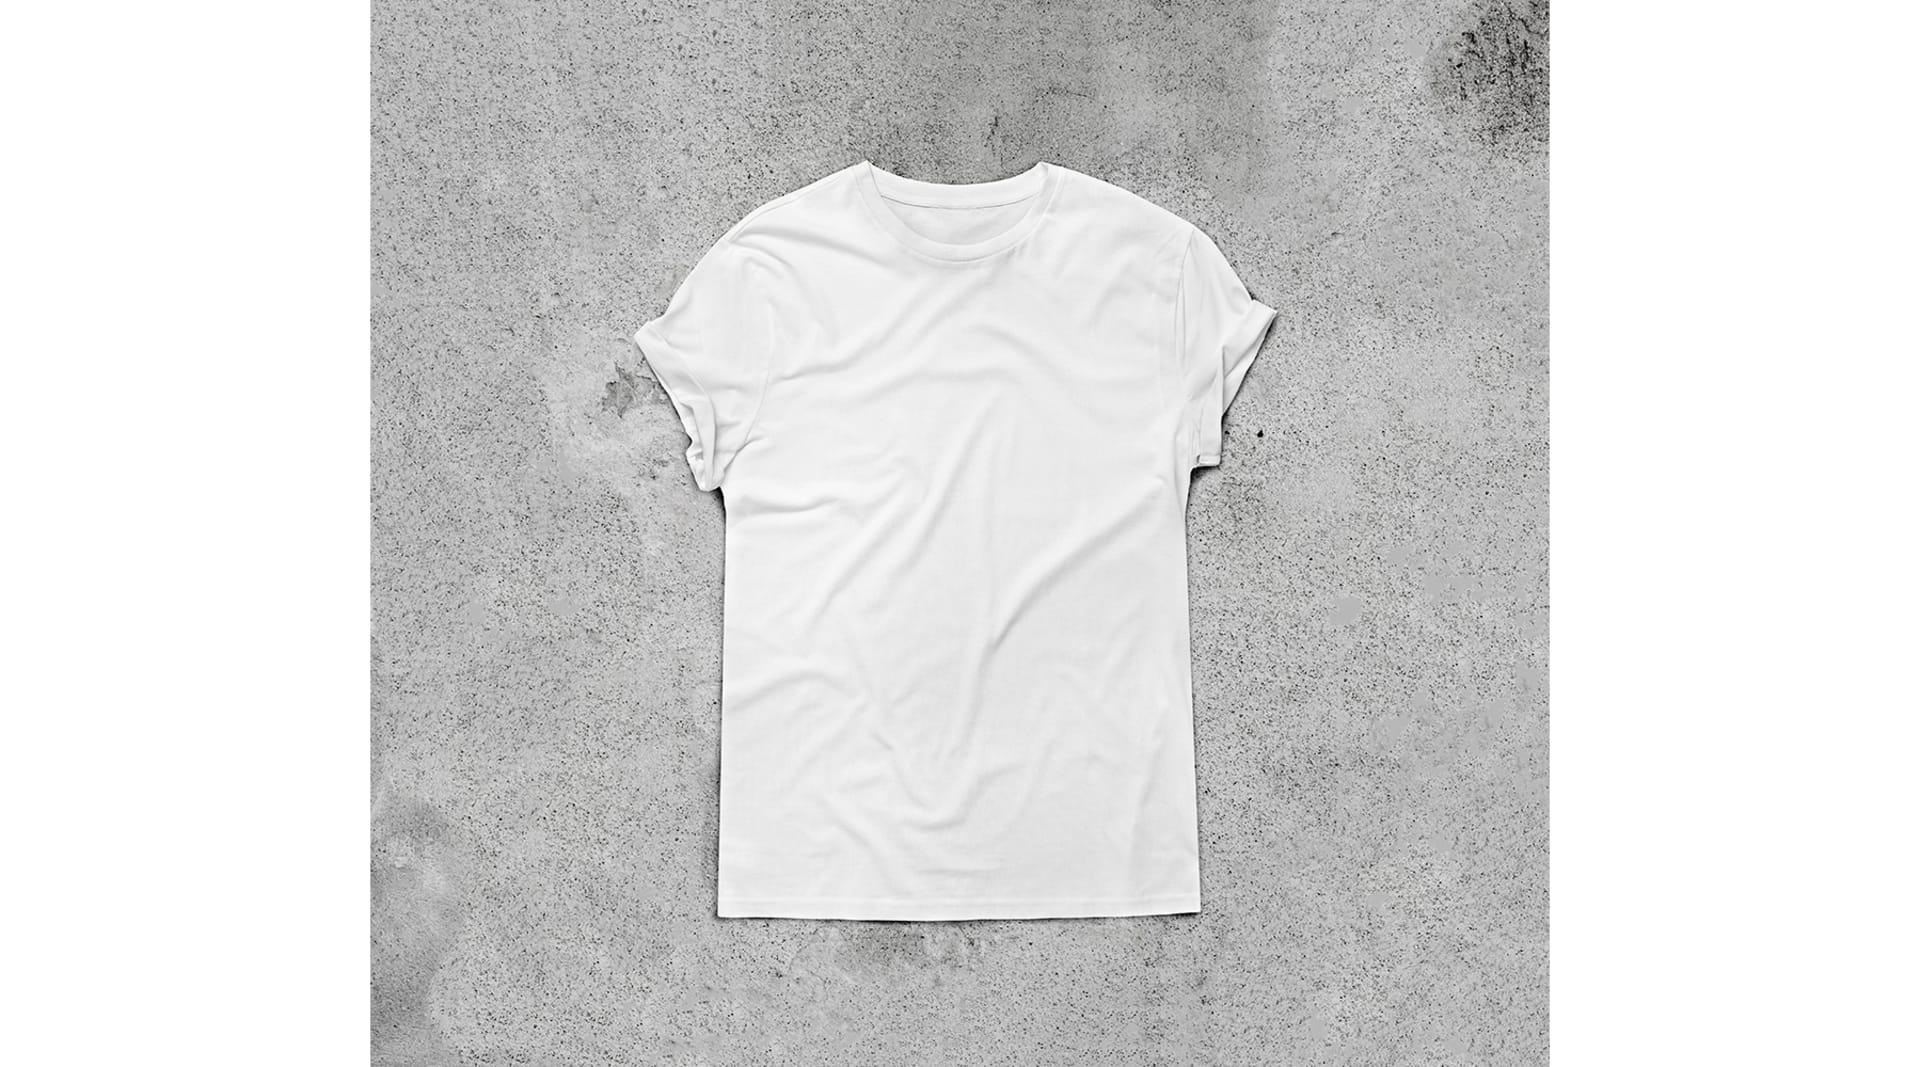 WEB whiteshirt 2